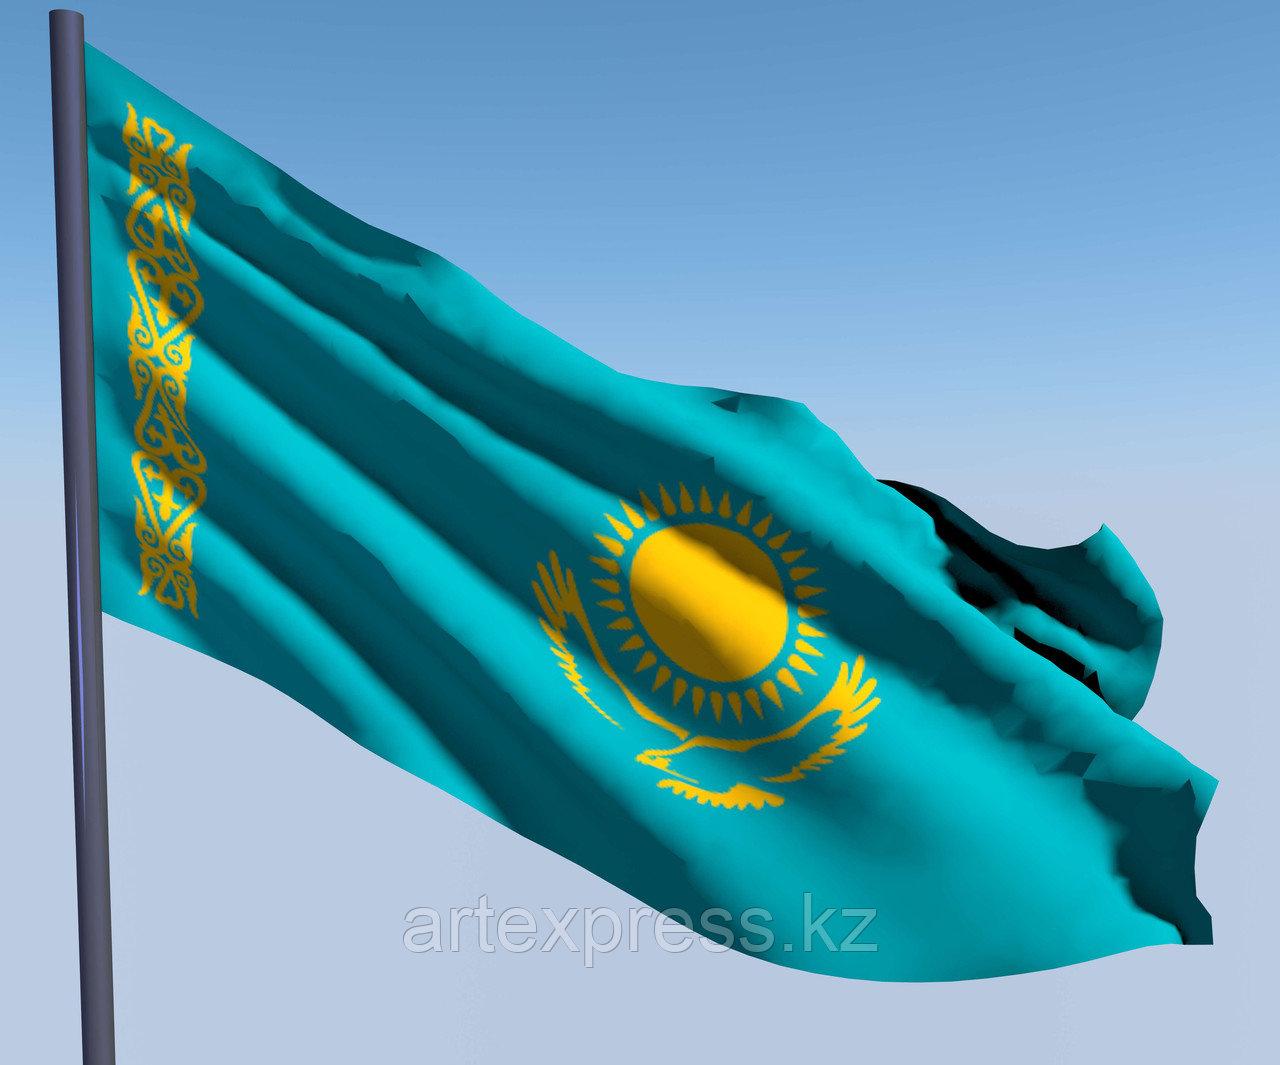 Флаг РК, размером 1 х 2 м (двухслойный, атлас, сублимационная термопечать)